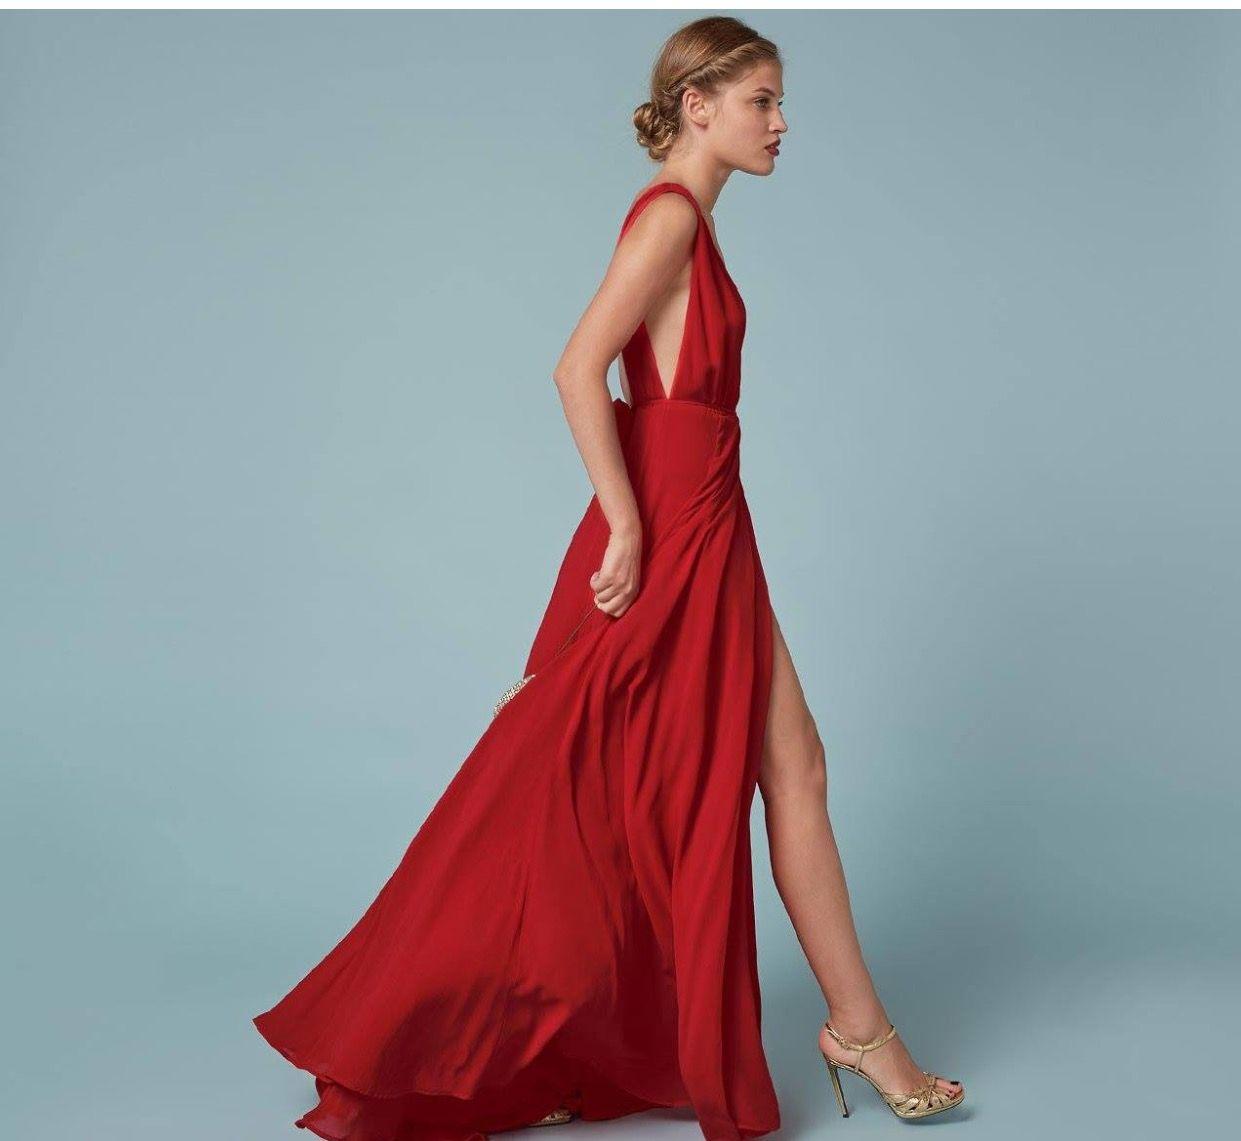 pin von laura ganner auf style | hochzeitskleid lang